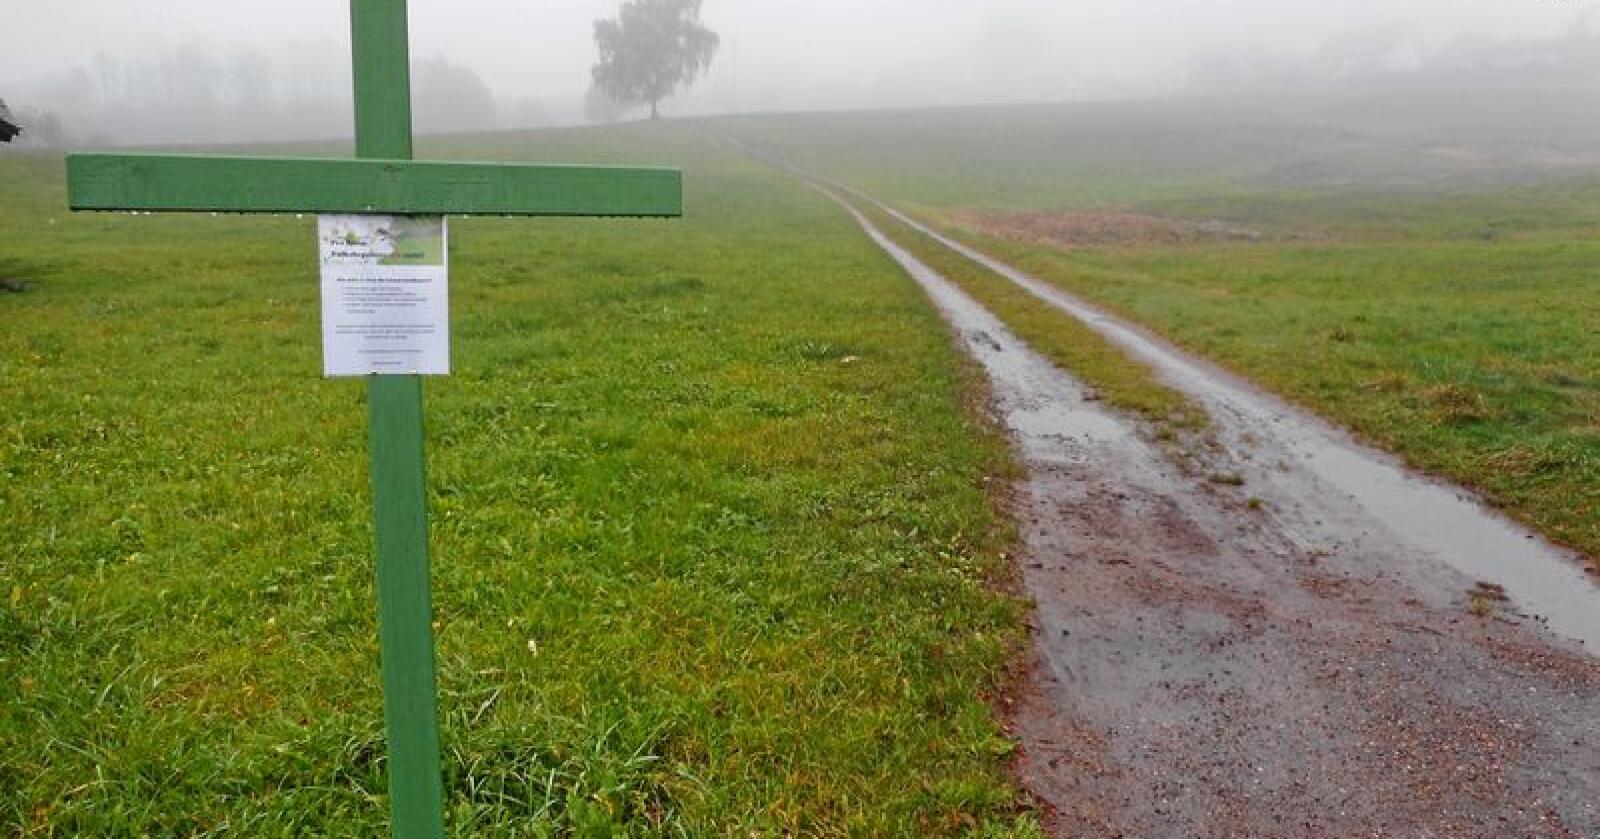 Grønne kors på tysker jorder: I protest mot miljøtiltak i landbruket. Foto: Antonio Pisacreta / Ropi / NTB scanpix